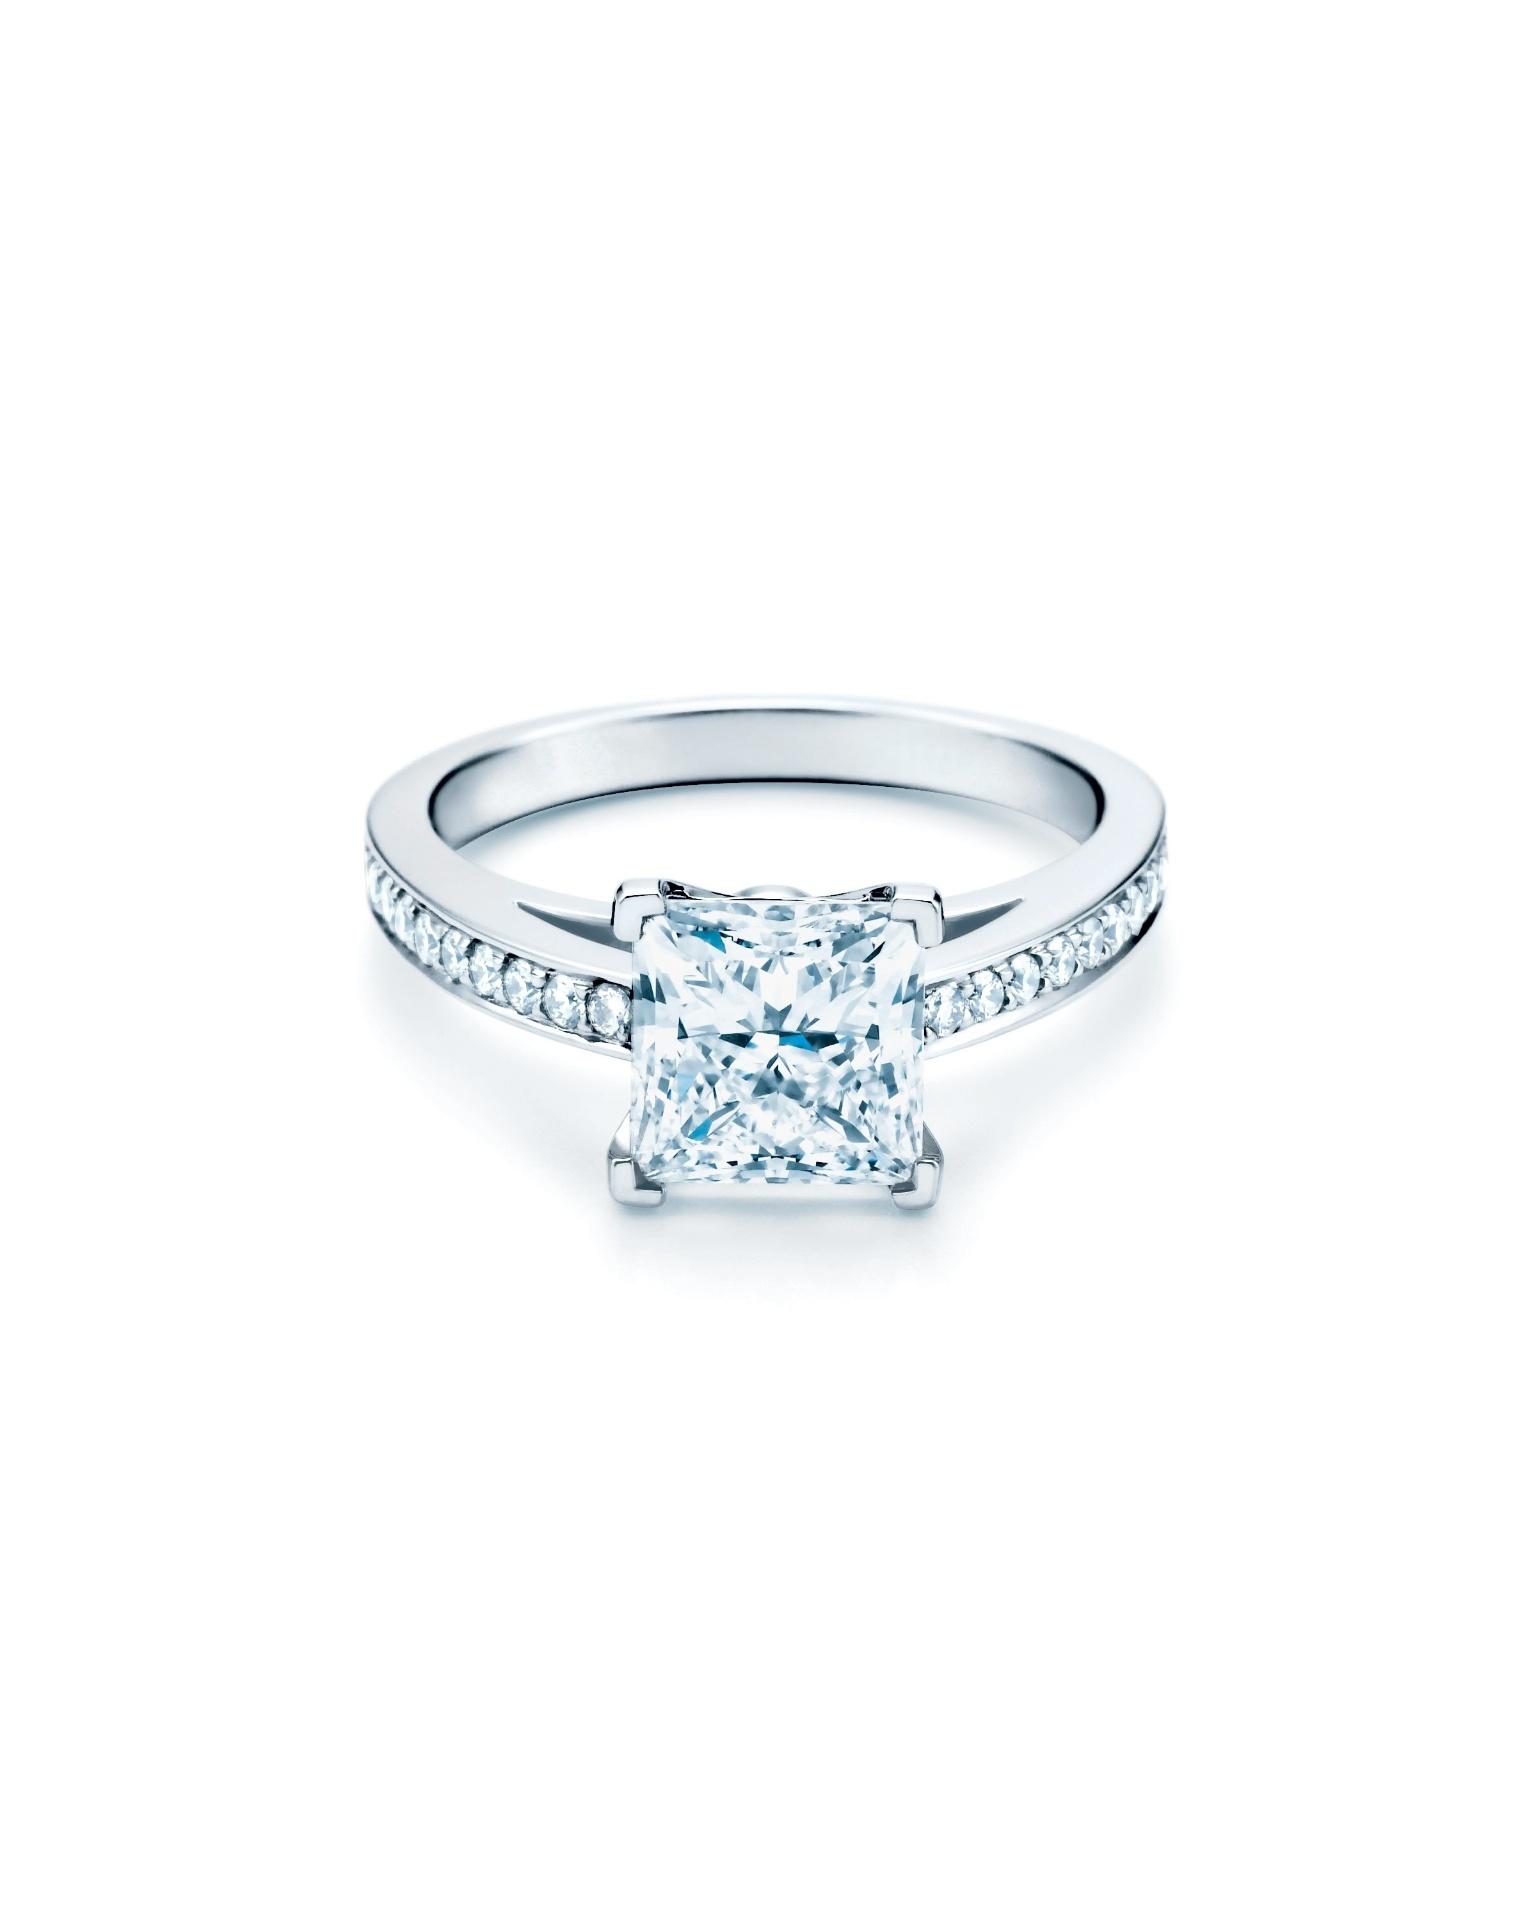 Anel de noivado Tiffany Grace; da Tiffany (www.tiffany.com), a partir de R$ 14.200. Preço e disponibilidade pesquisados em novembro de 2013 e sujeitos a alteração